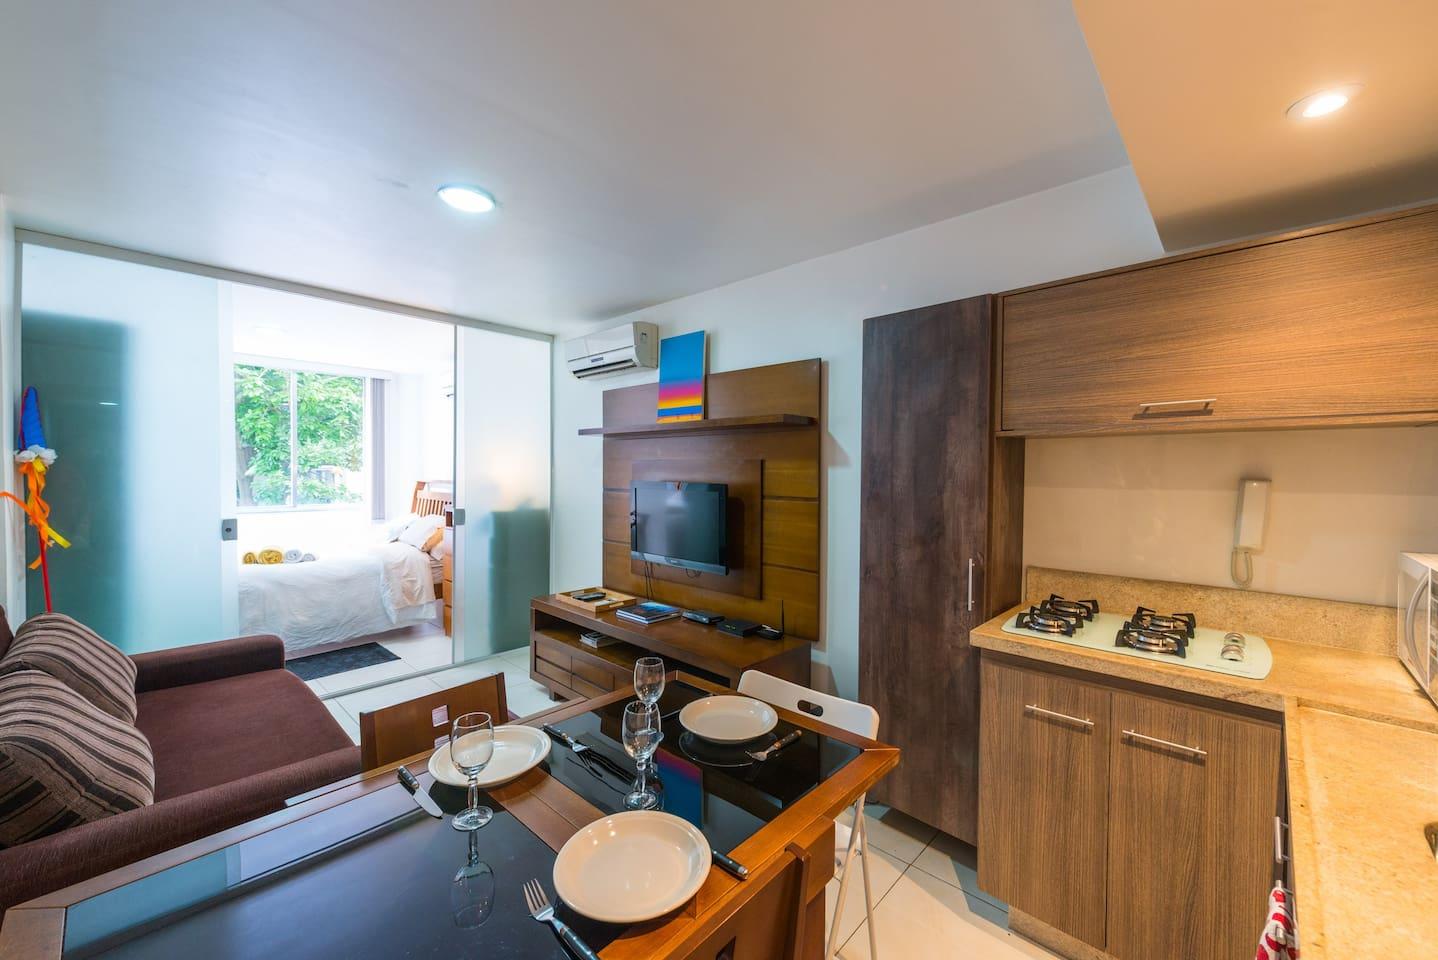 Visão geral do loft com o quarto ao fundo. Os ambientes são integrados e tudo está à mão.